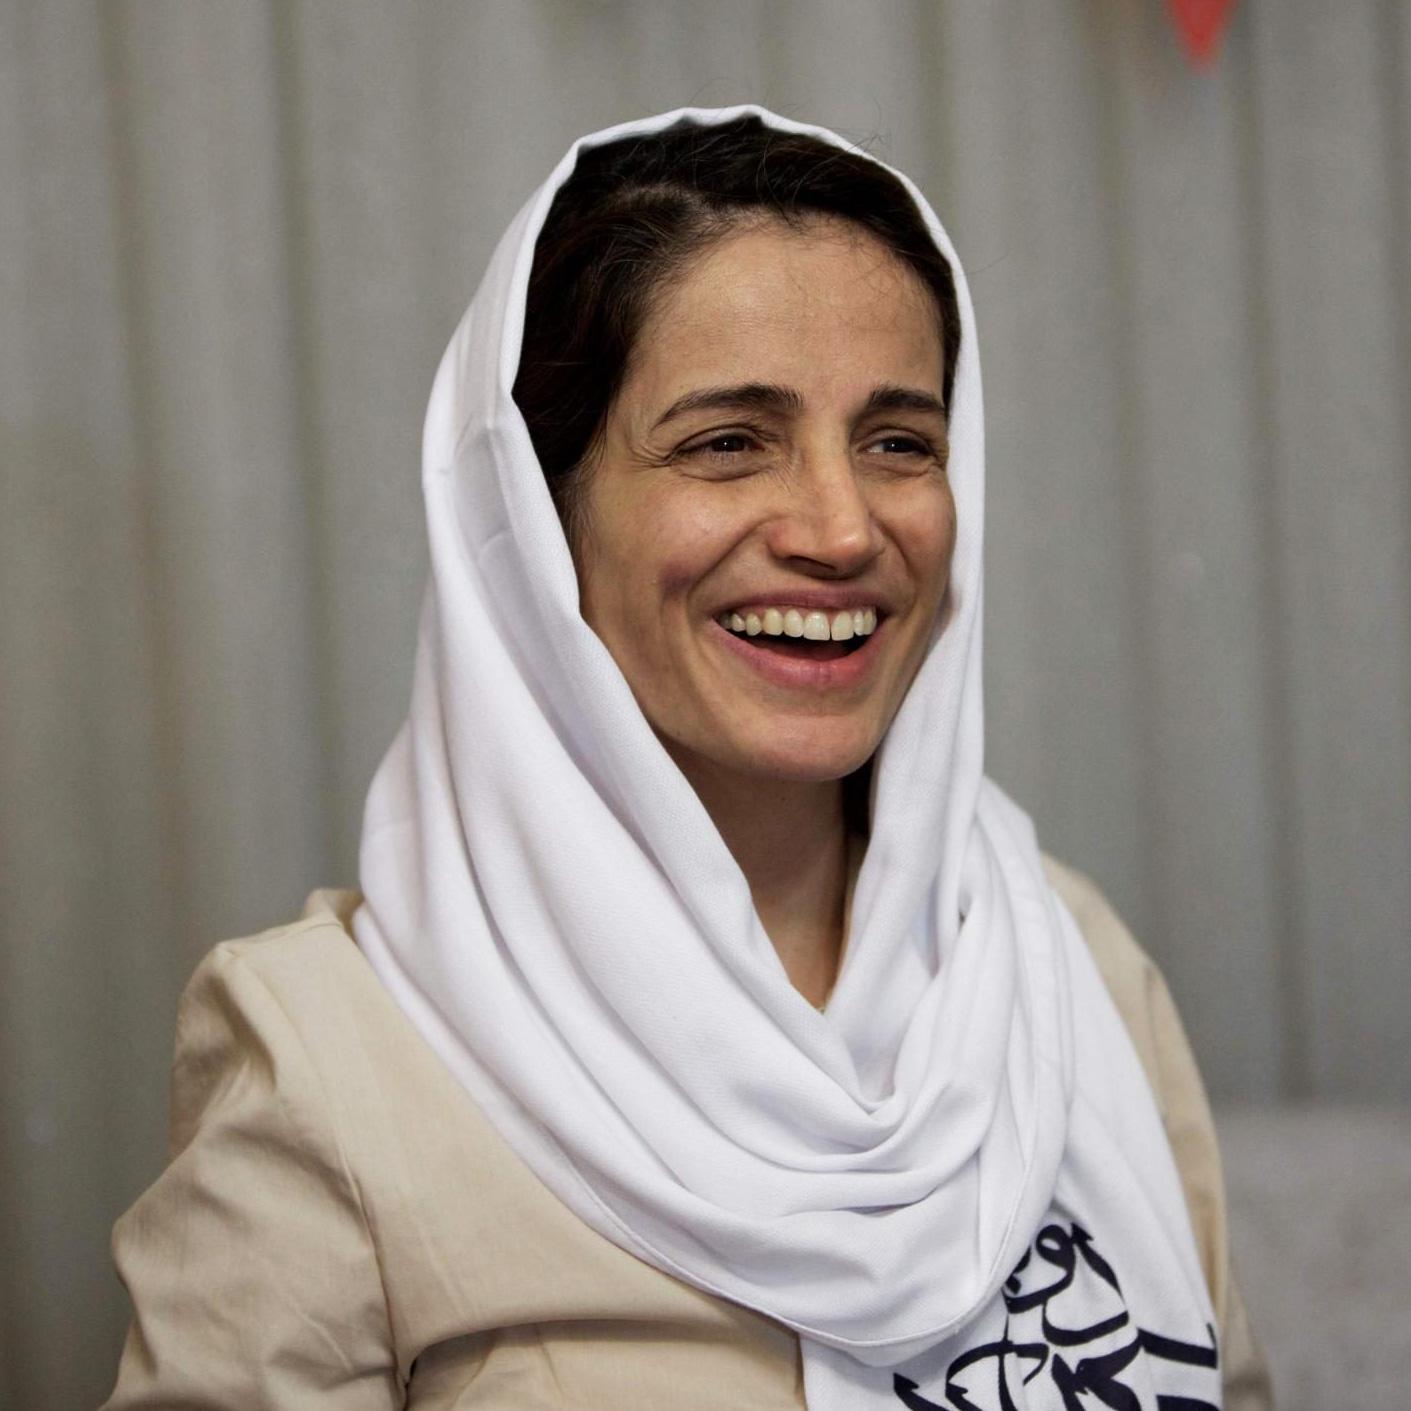 Per la libertà di Nasrin Sotoudeh. In difesa dei Difensori dei diritti umani in Iran, Comune di Padova, Sala Paladin, venerdì 31 maggio 2019 - ore 20,45